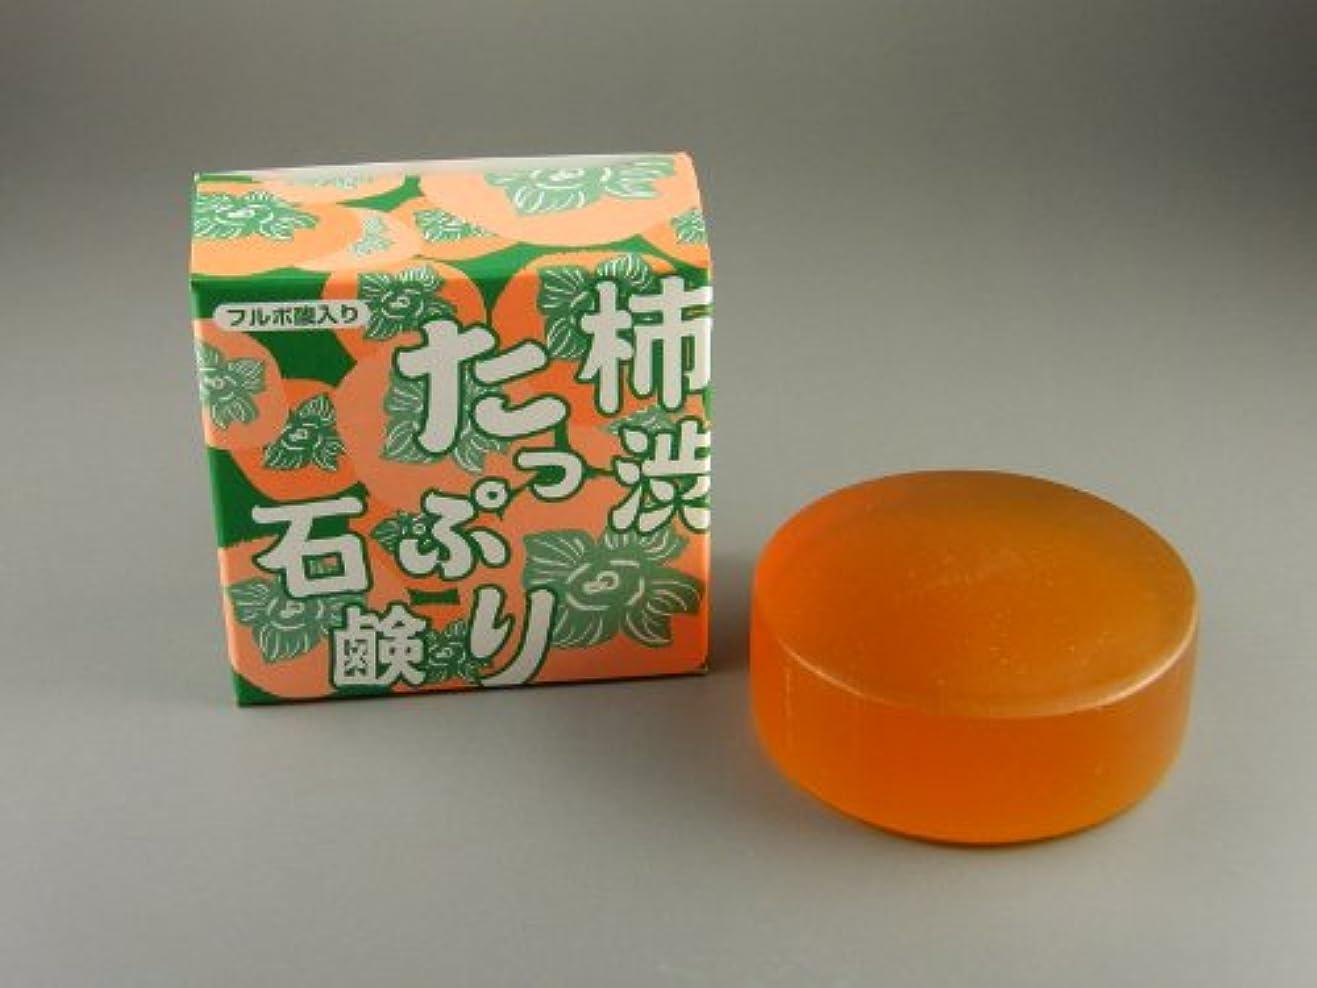 シンジケートアノイ一致する柿渋たっぷり石鹸 100g(フルボ酸入り)